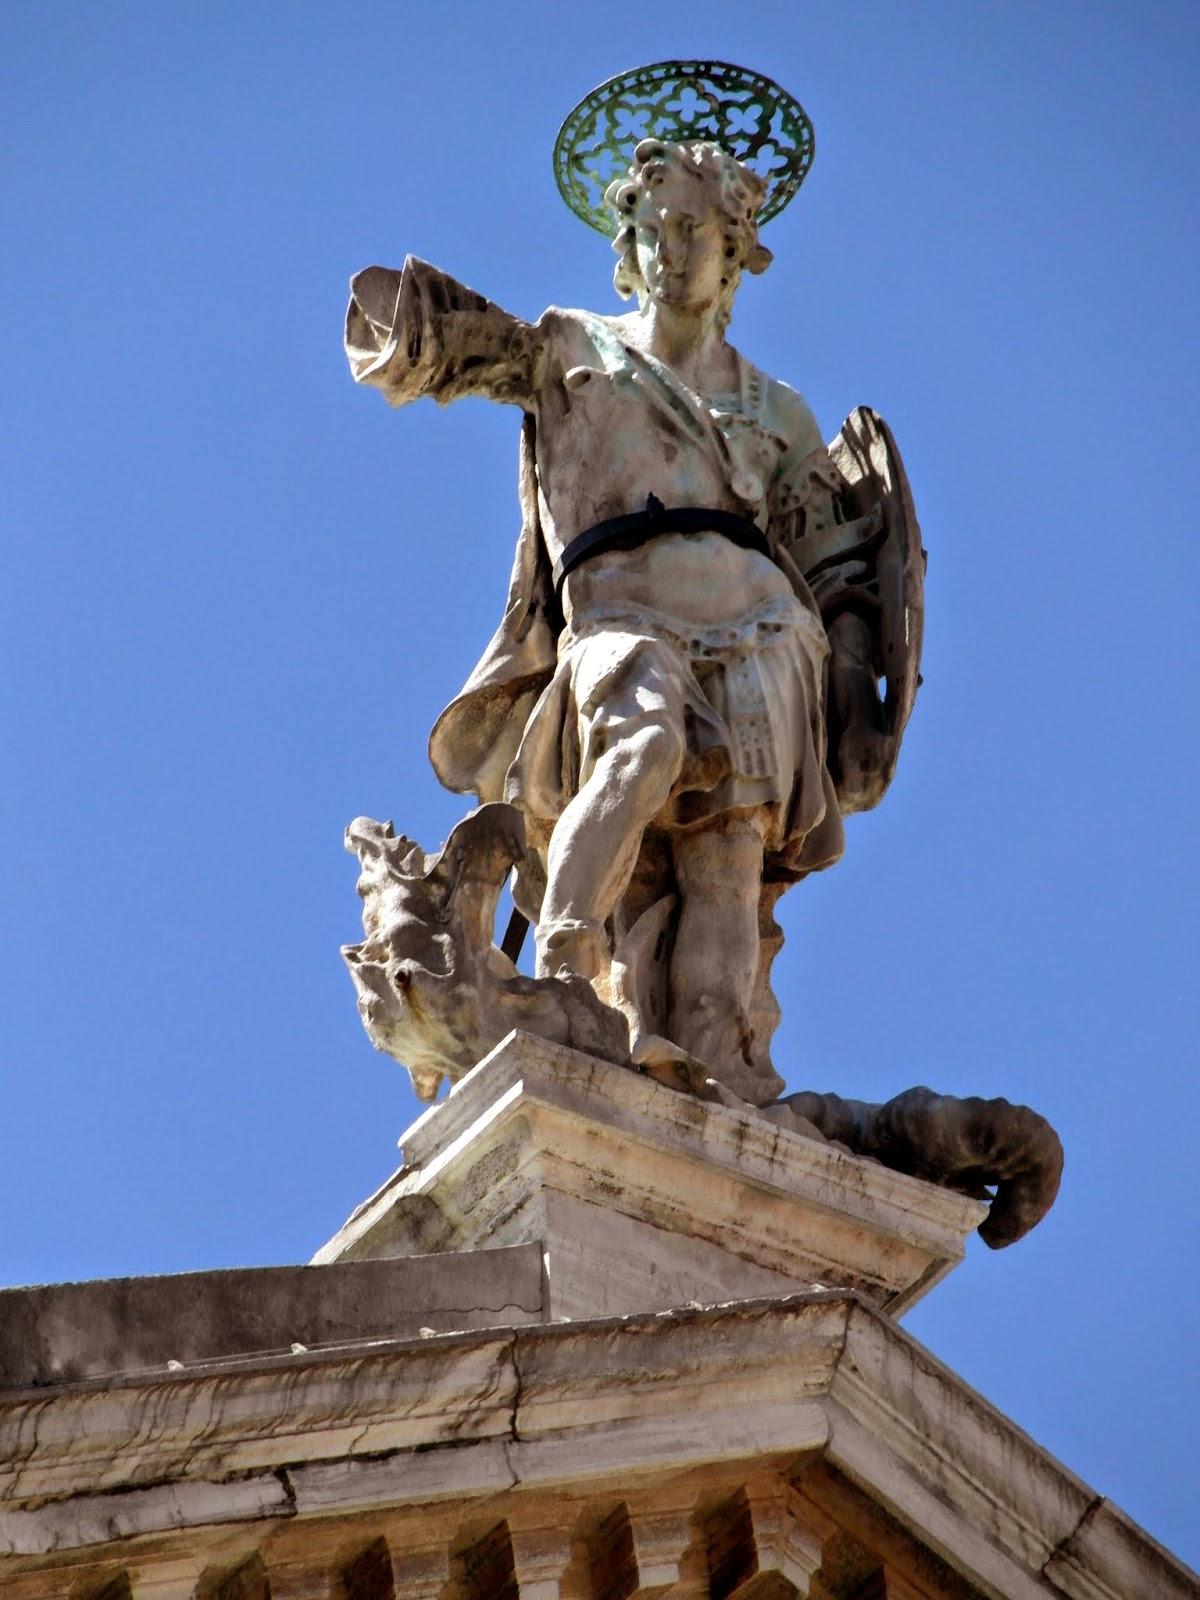 San Teodoro, Scuola Grande di San Teodoro, Venice